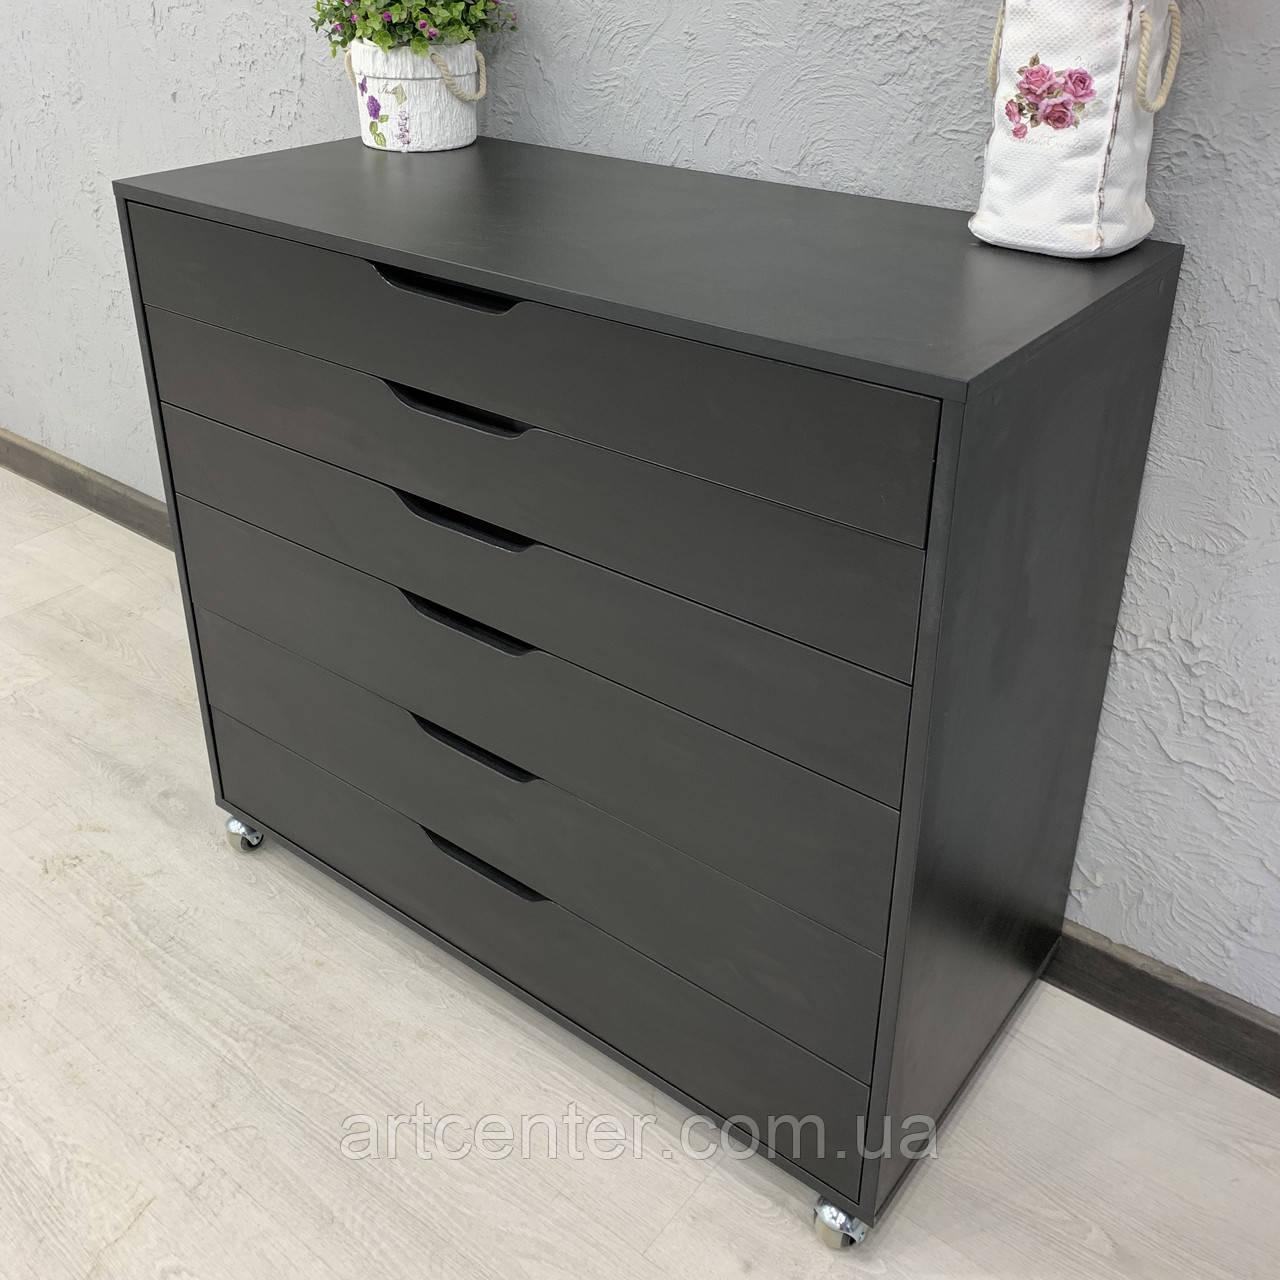 Универсальный комод черного цвета